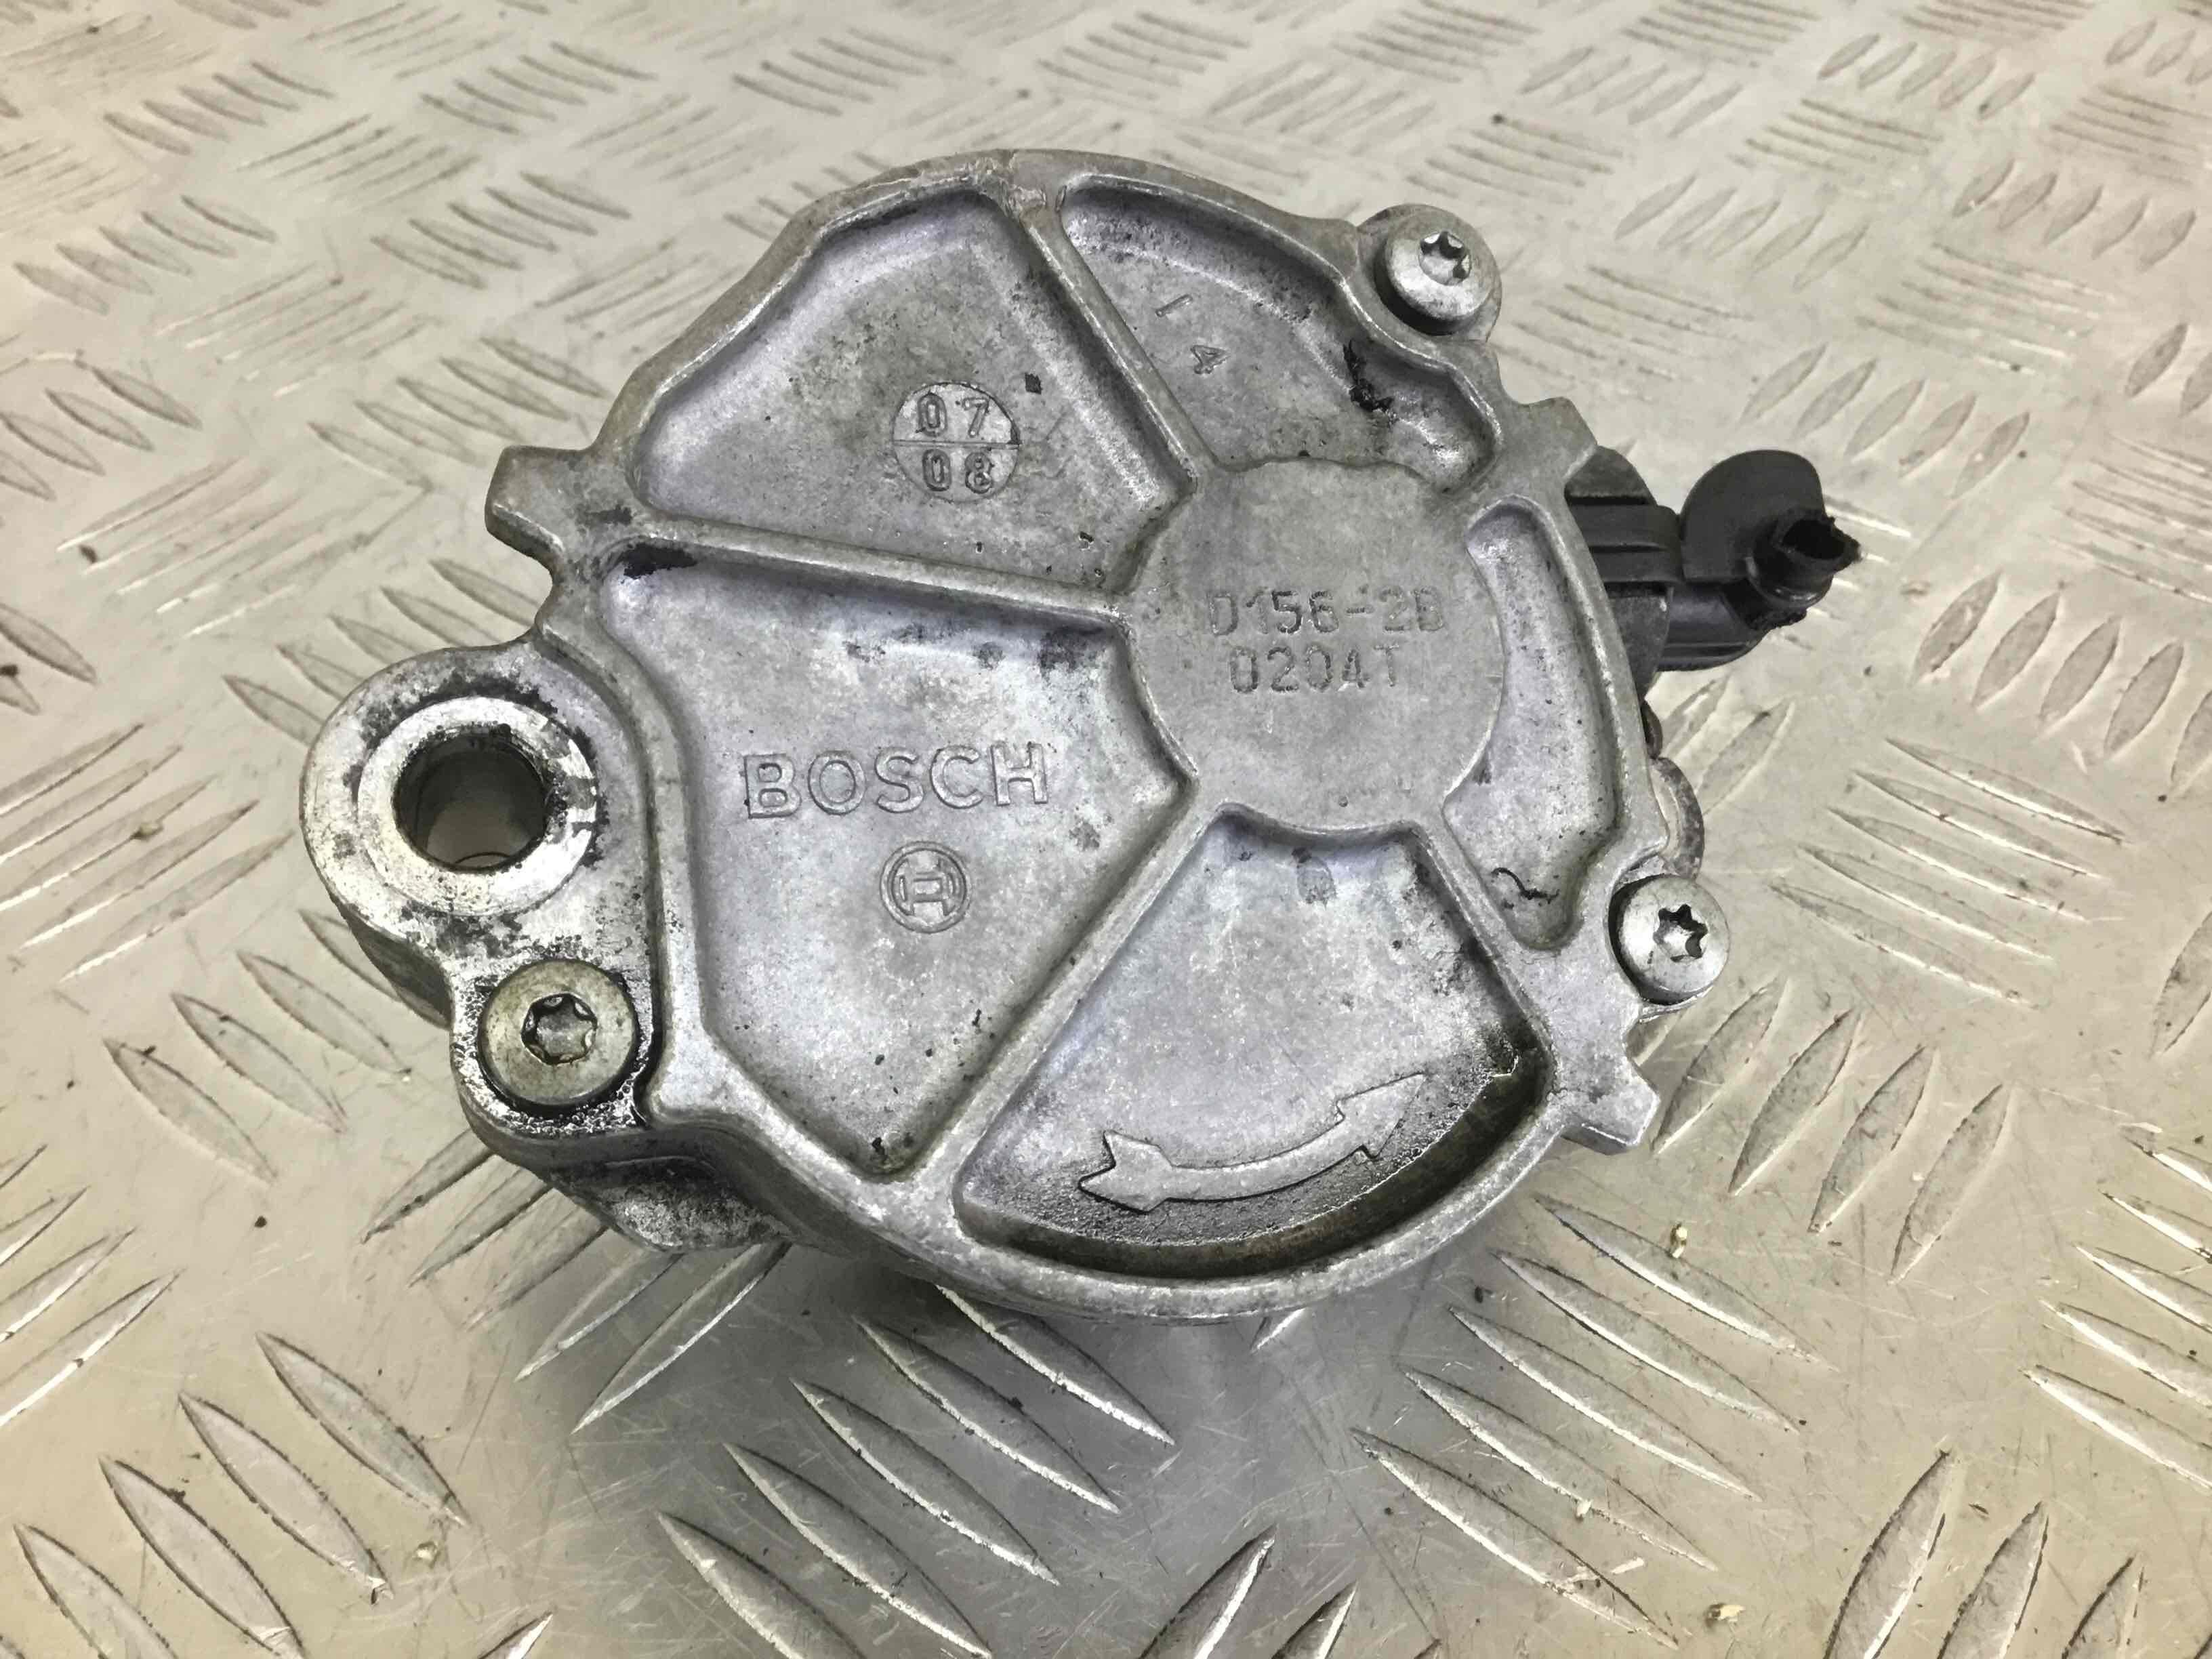 Фото 'Peugeot 307 Насос вакуумный d156-2b '